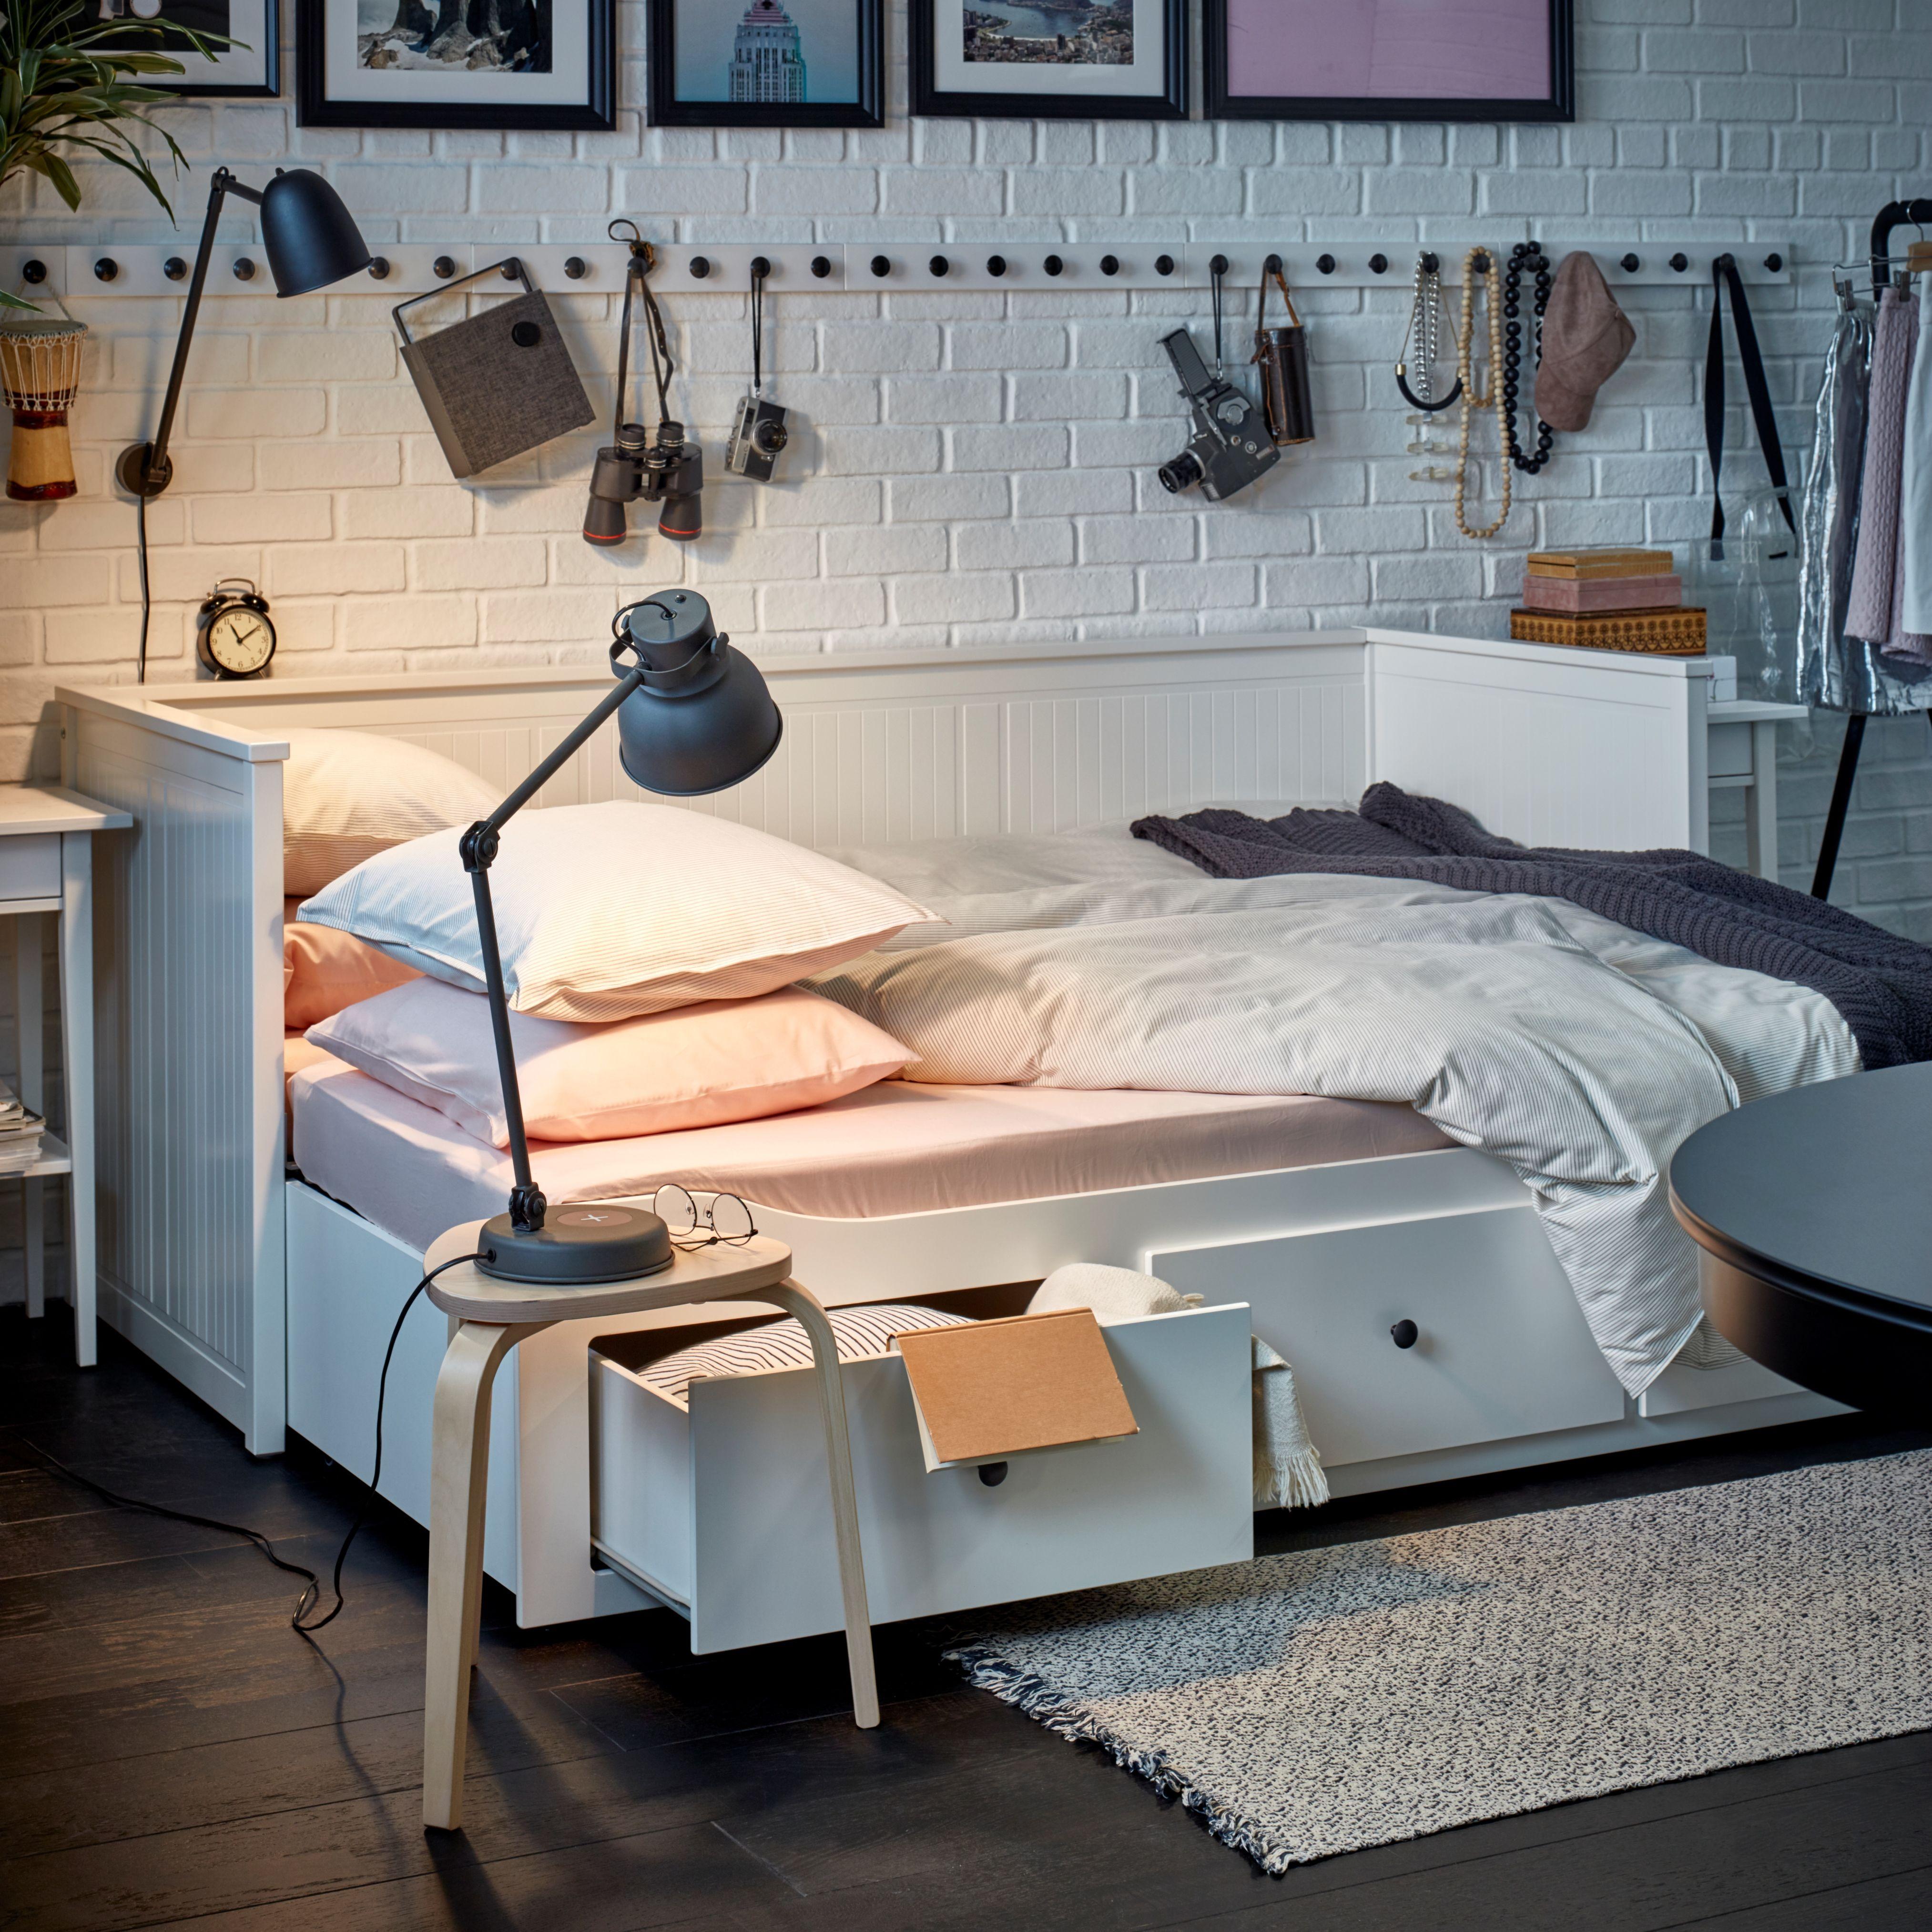 Los productos más vendidos de Ikea durante la cuarentena